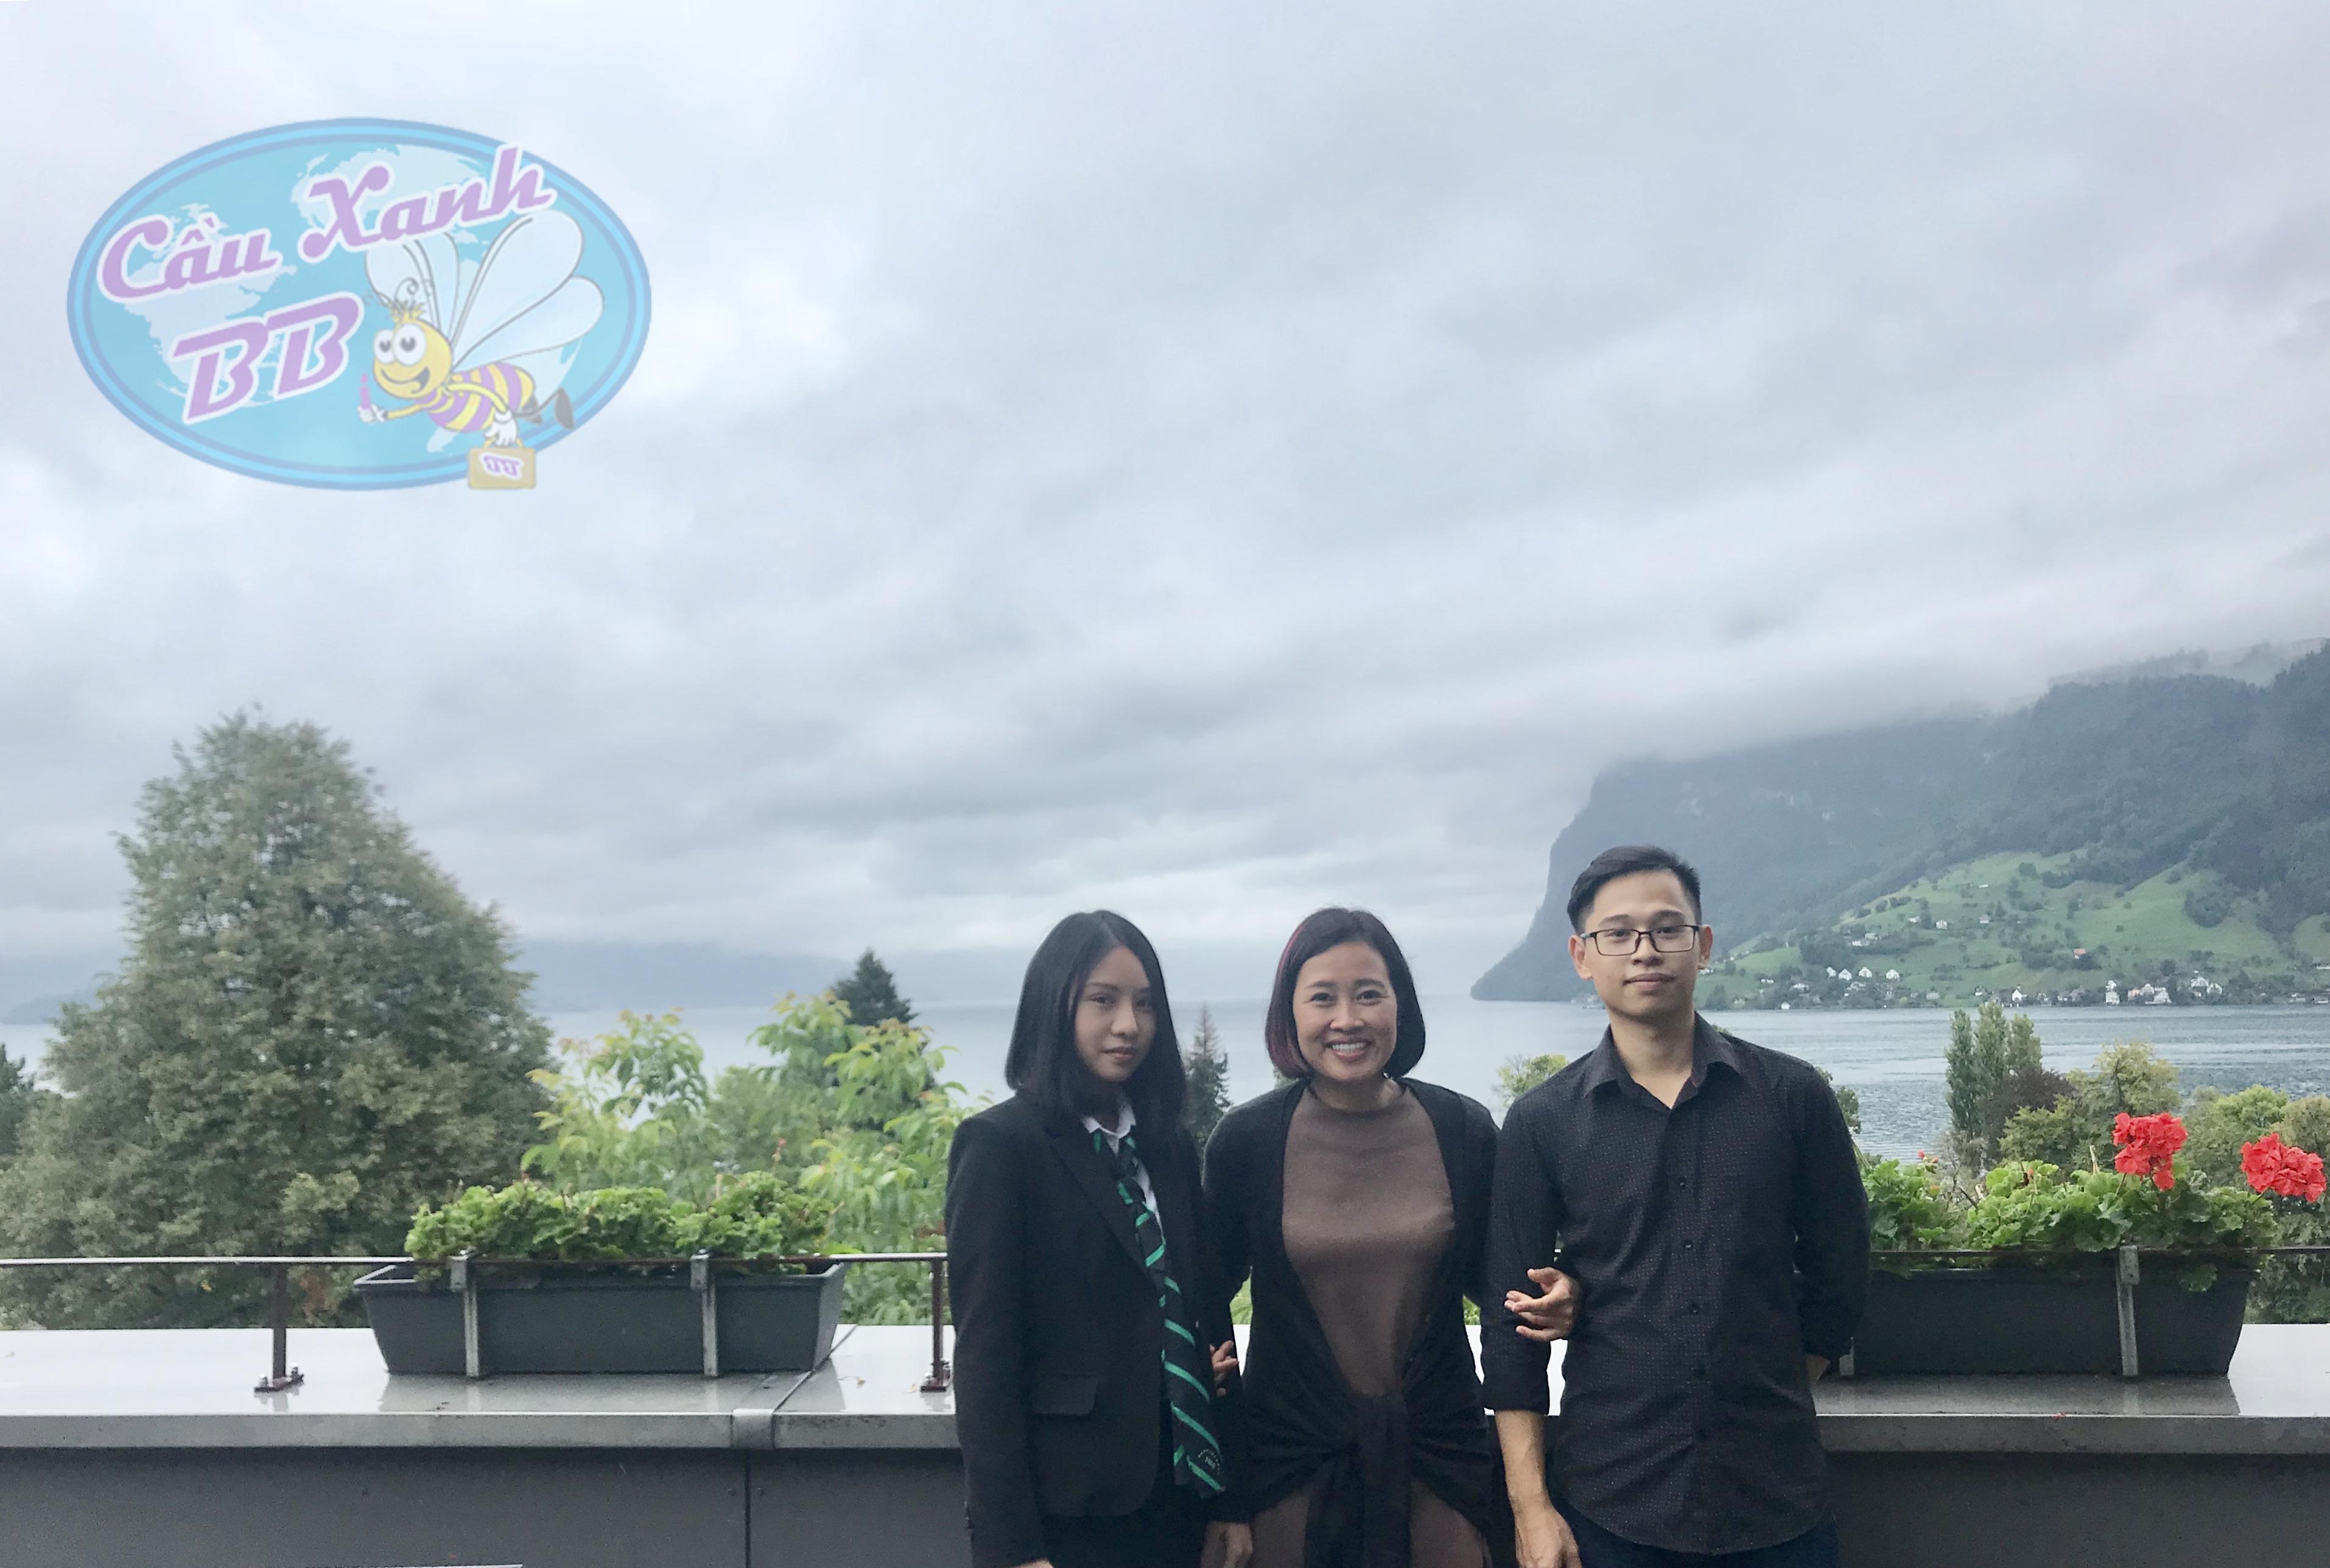 Hội thảo Du học Thụy Sỹ, trường IMI - chương trình mới nhất cho năm 2019